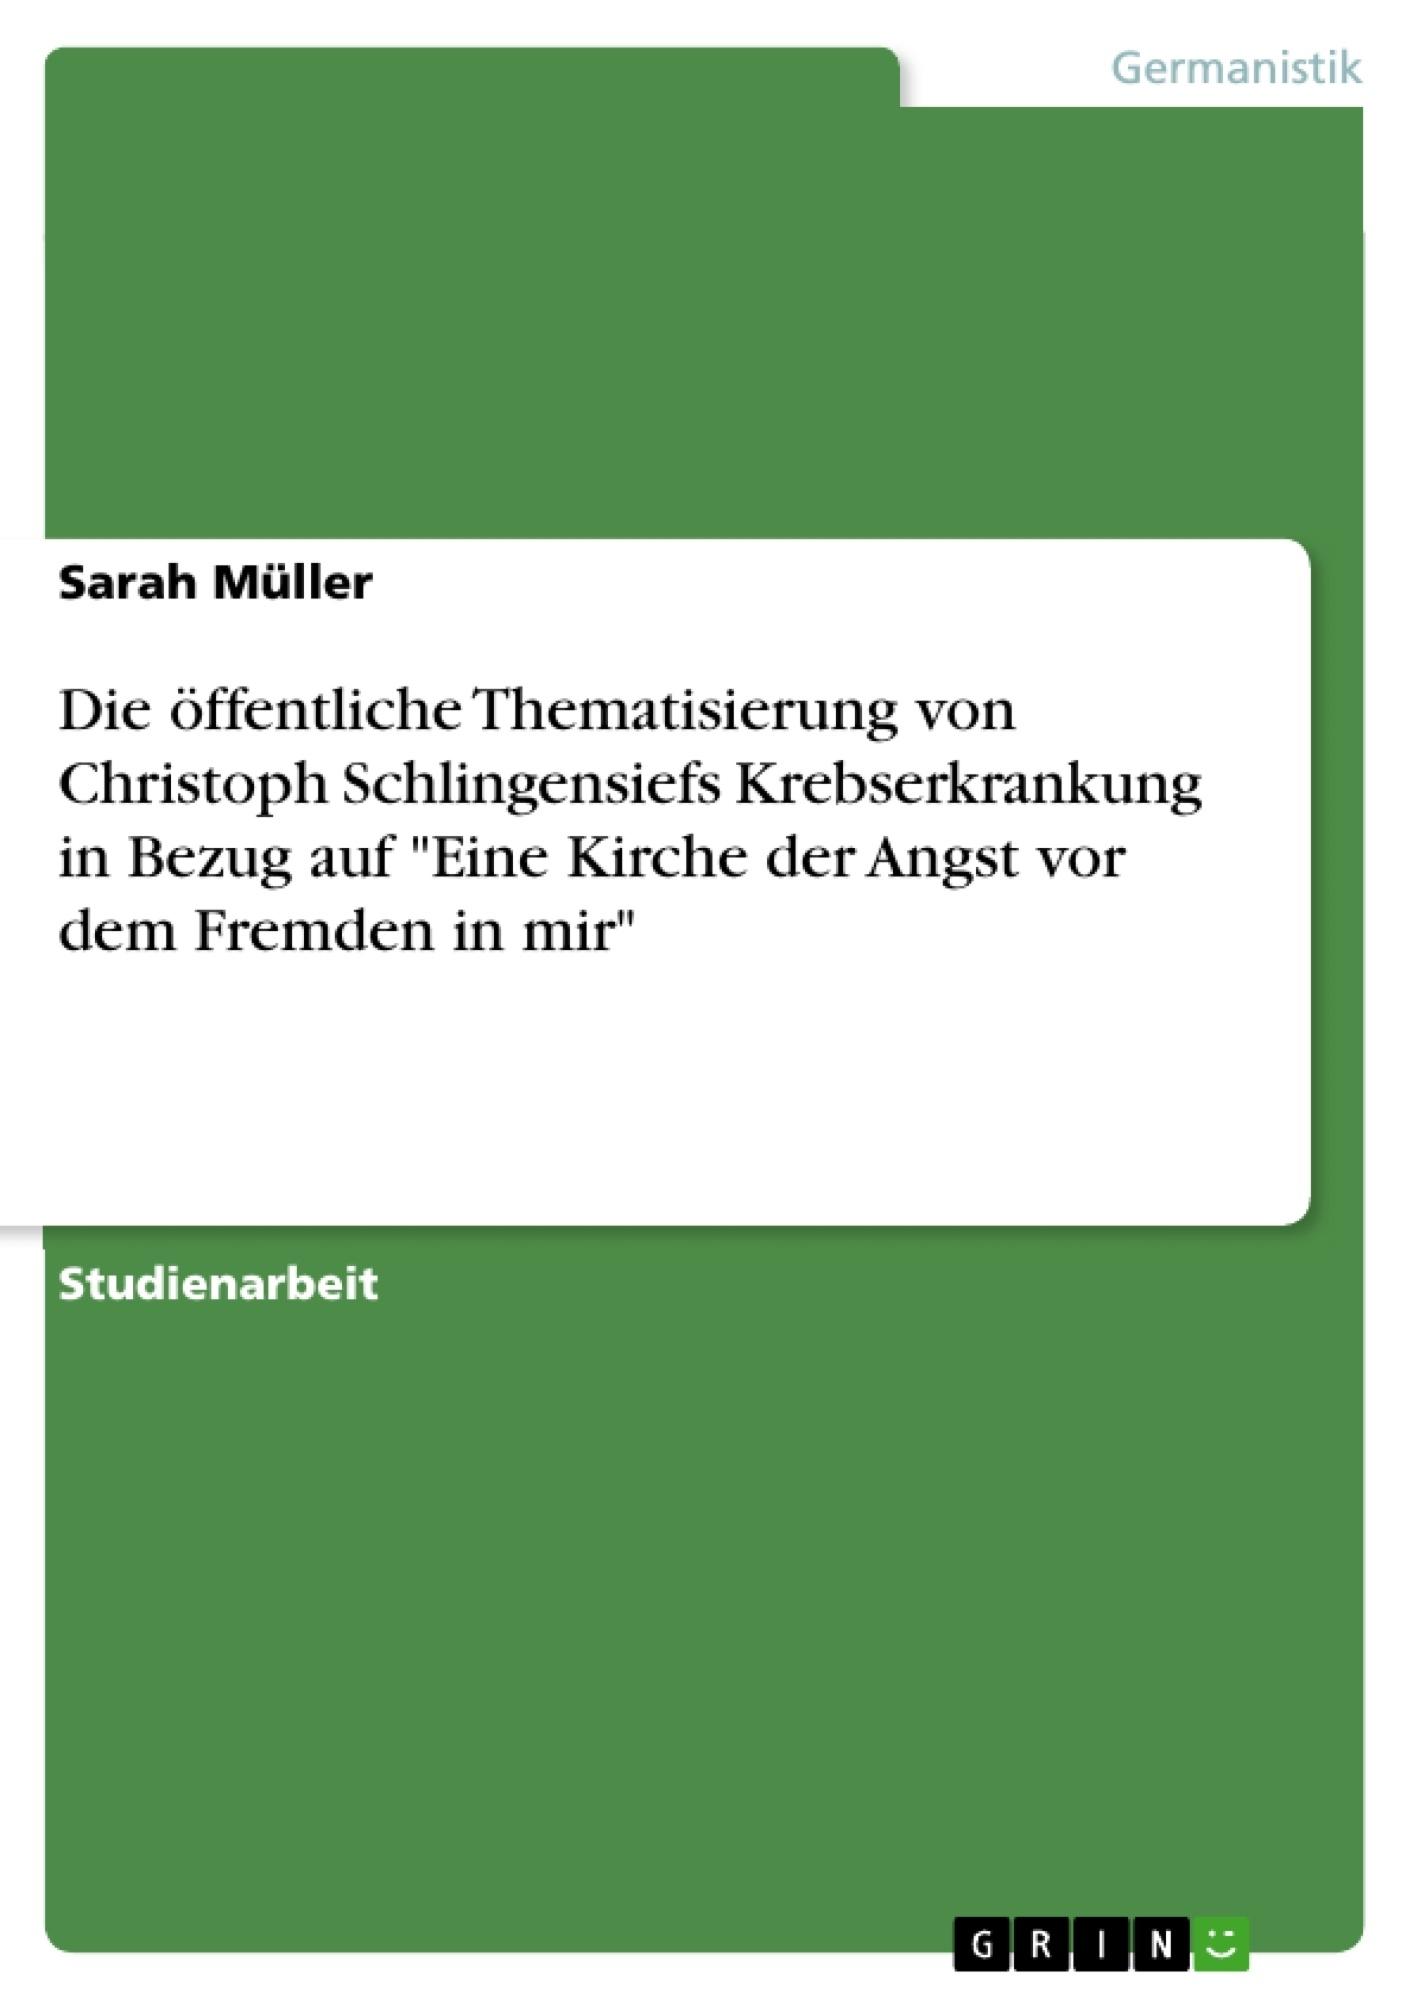 """Titel: Die öffentliche Thematisierung von Christoph Schlingensiefs Krebserkrankung in Bezug auf """"Eine Kirche der Angst vor dem Fremden in mir"""""""